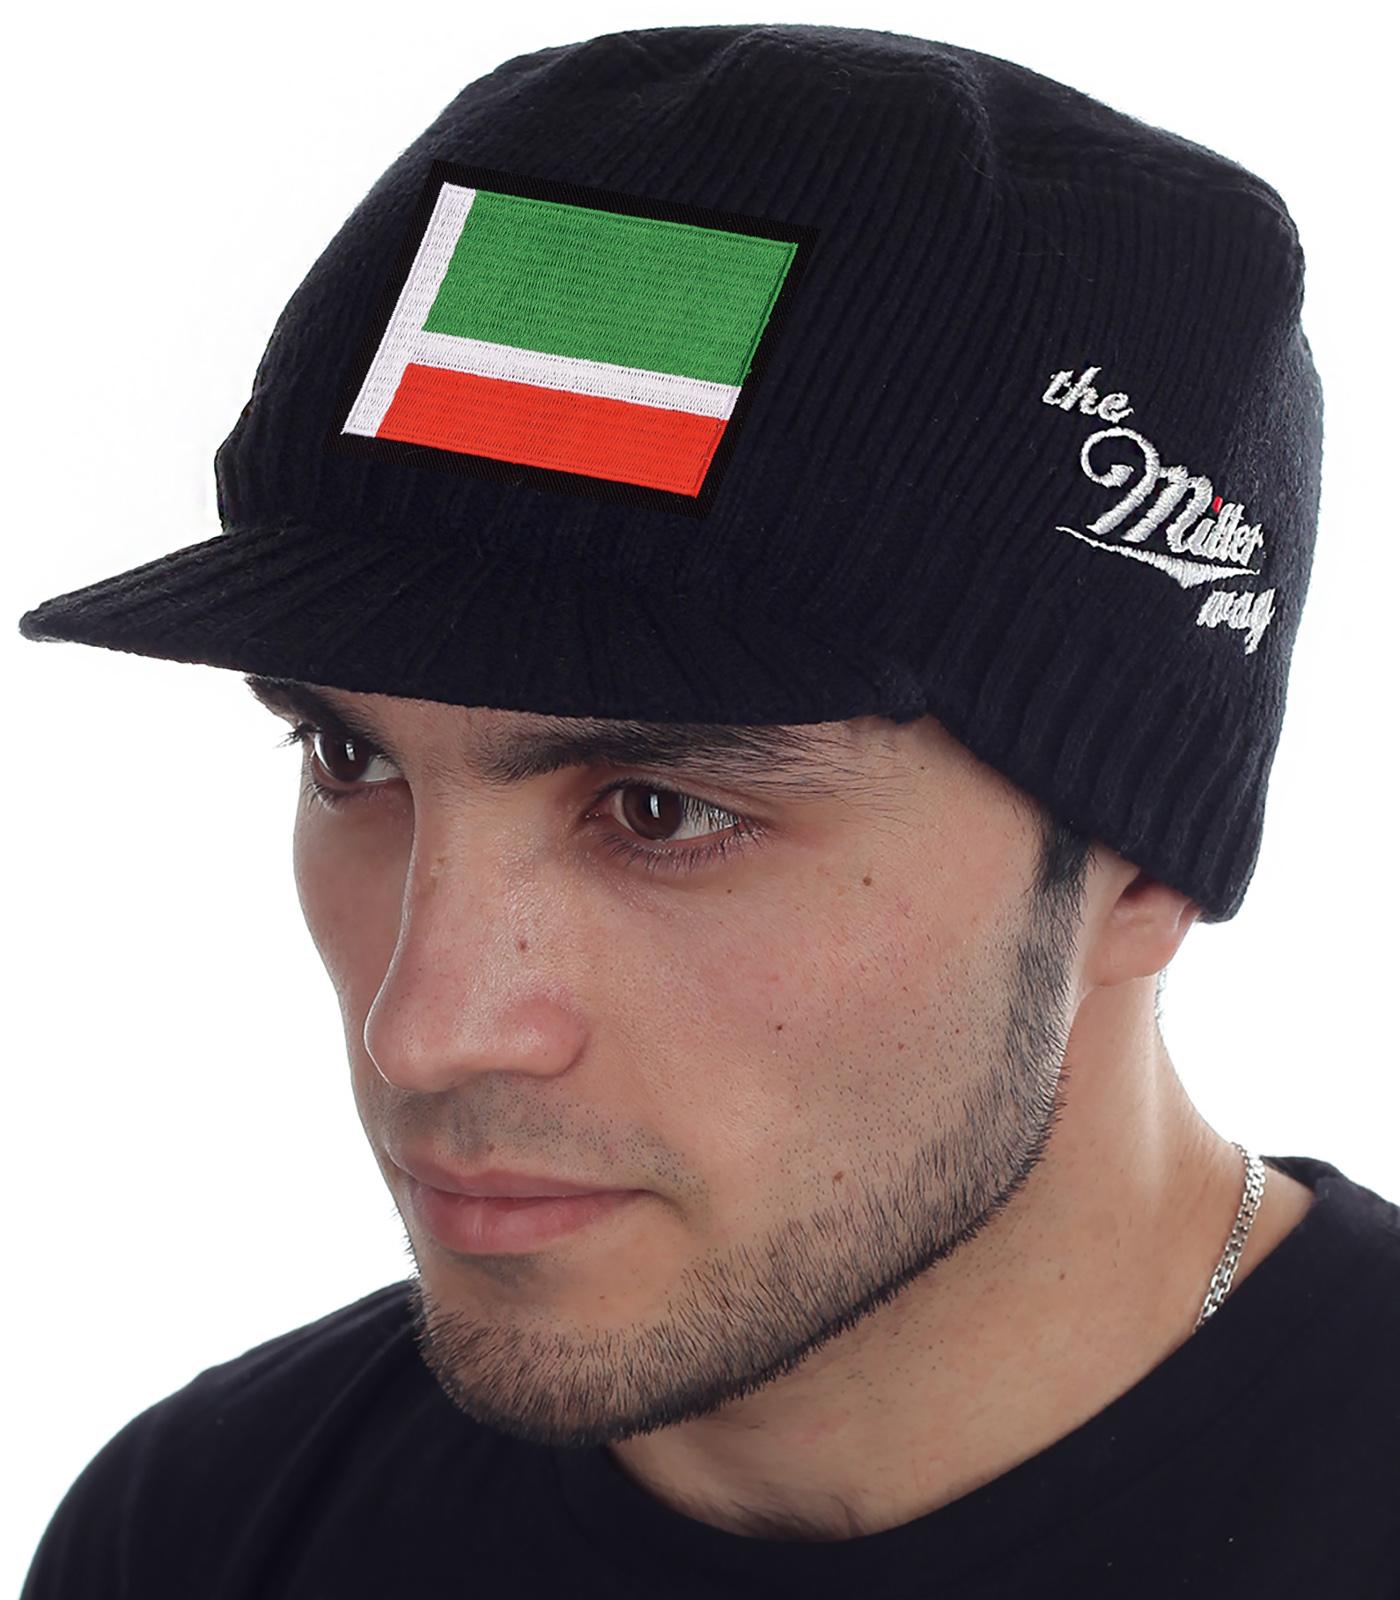 Классическая кепка для мужчин. Фирменный логотип бренда Miller Way и яркая нашивка с флагом Чеченской Республики. Стильный и тёплый аксессуар на холодную осень и морозную зиму